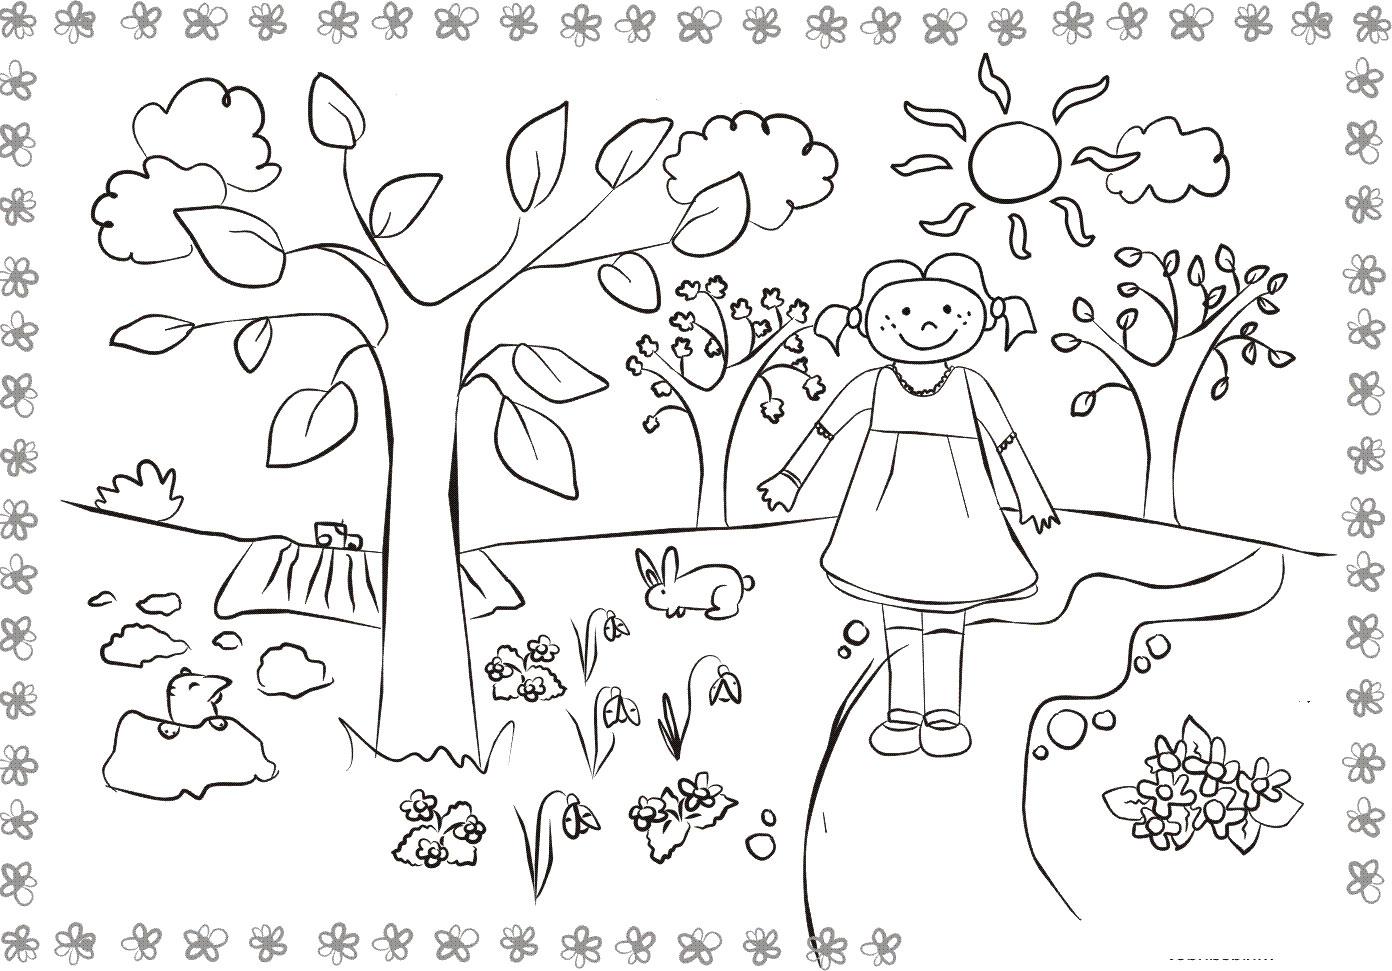 Раскраски деткам: Все раскраски о весне